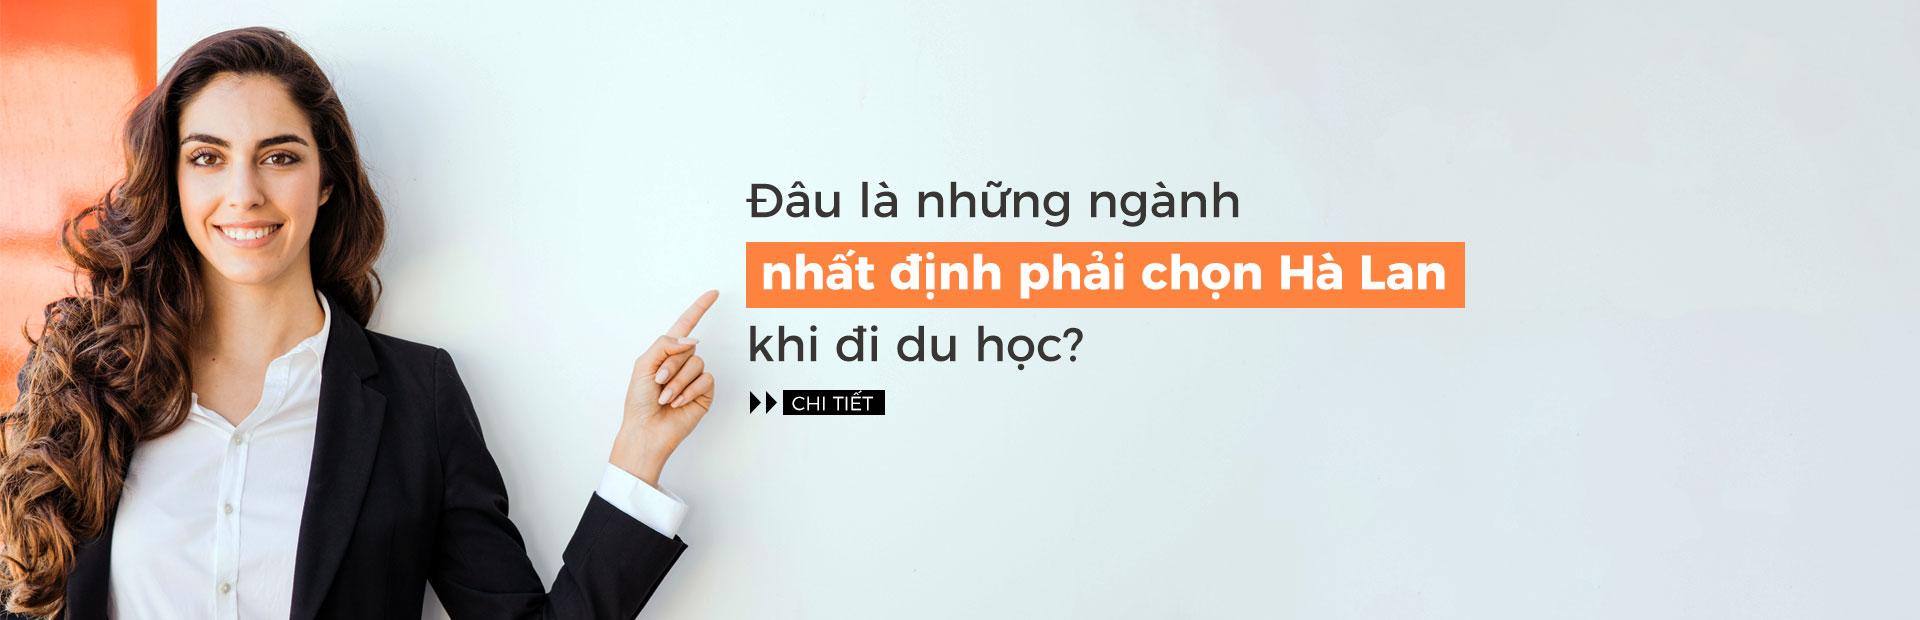 Ha Lan - Thanh pho